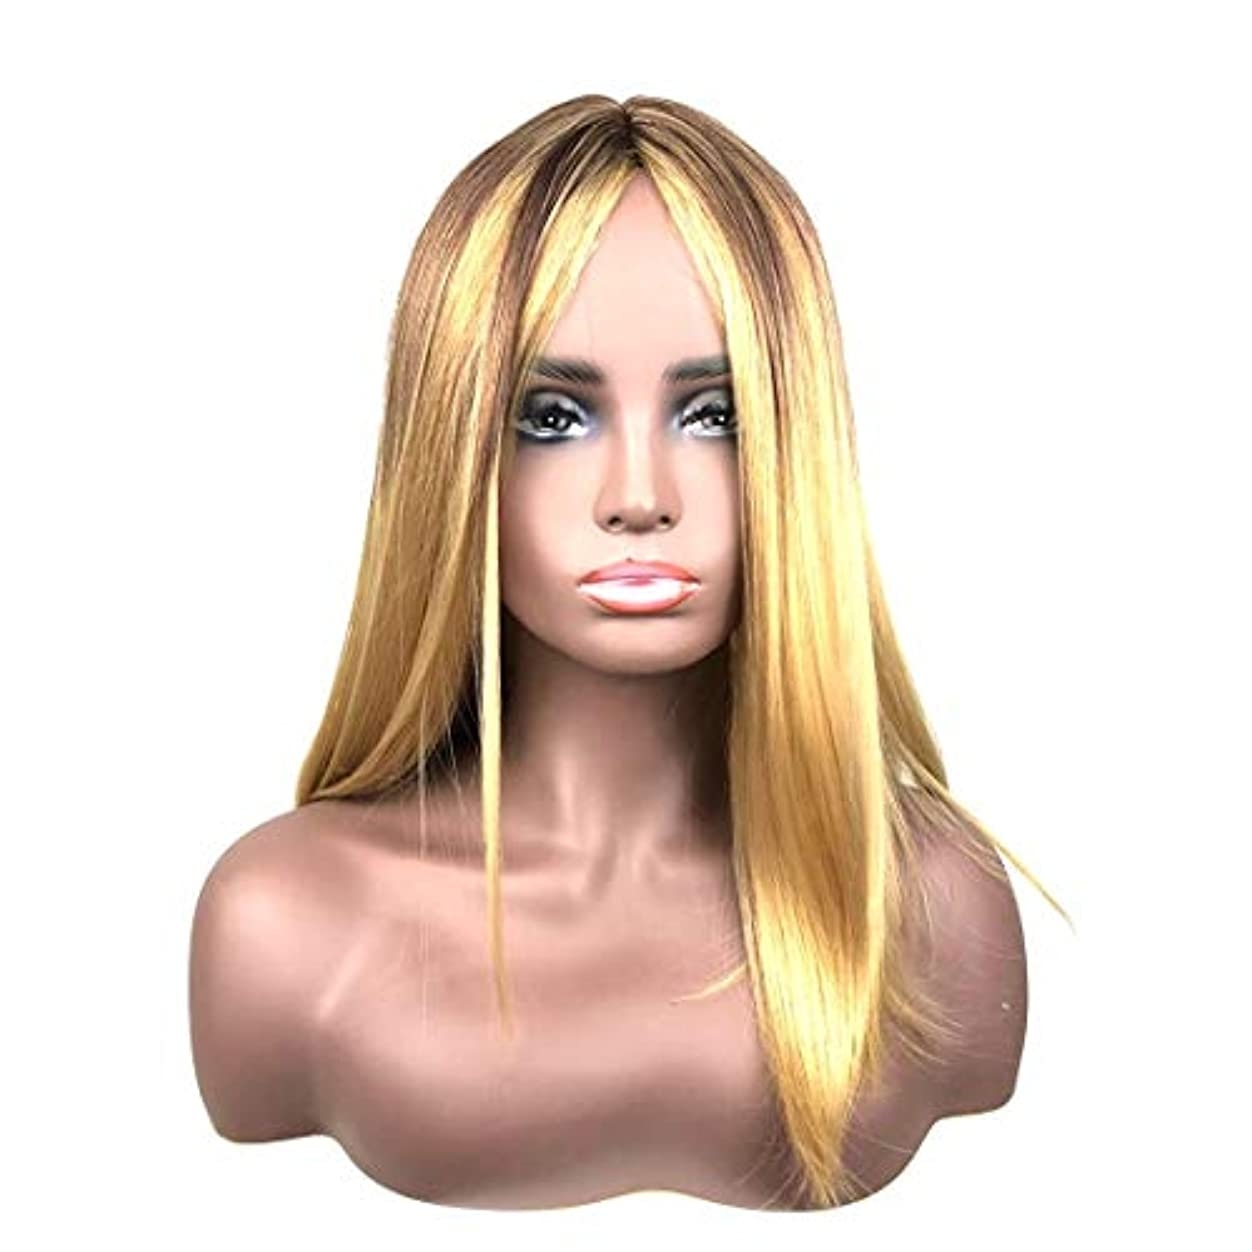 インタフェースウェブ対象Summerys 前髪合成耐熱性女性のヘアスタイルと短いふわふわボブ変態ストレートヘアウィッグ